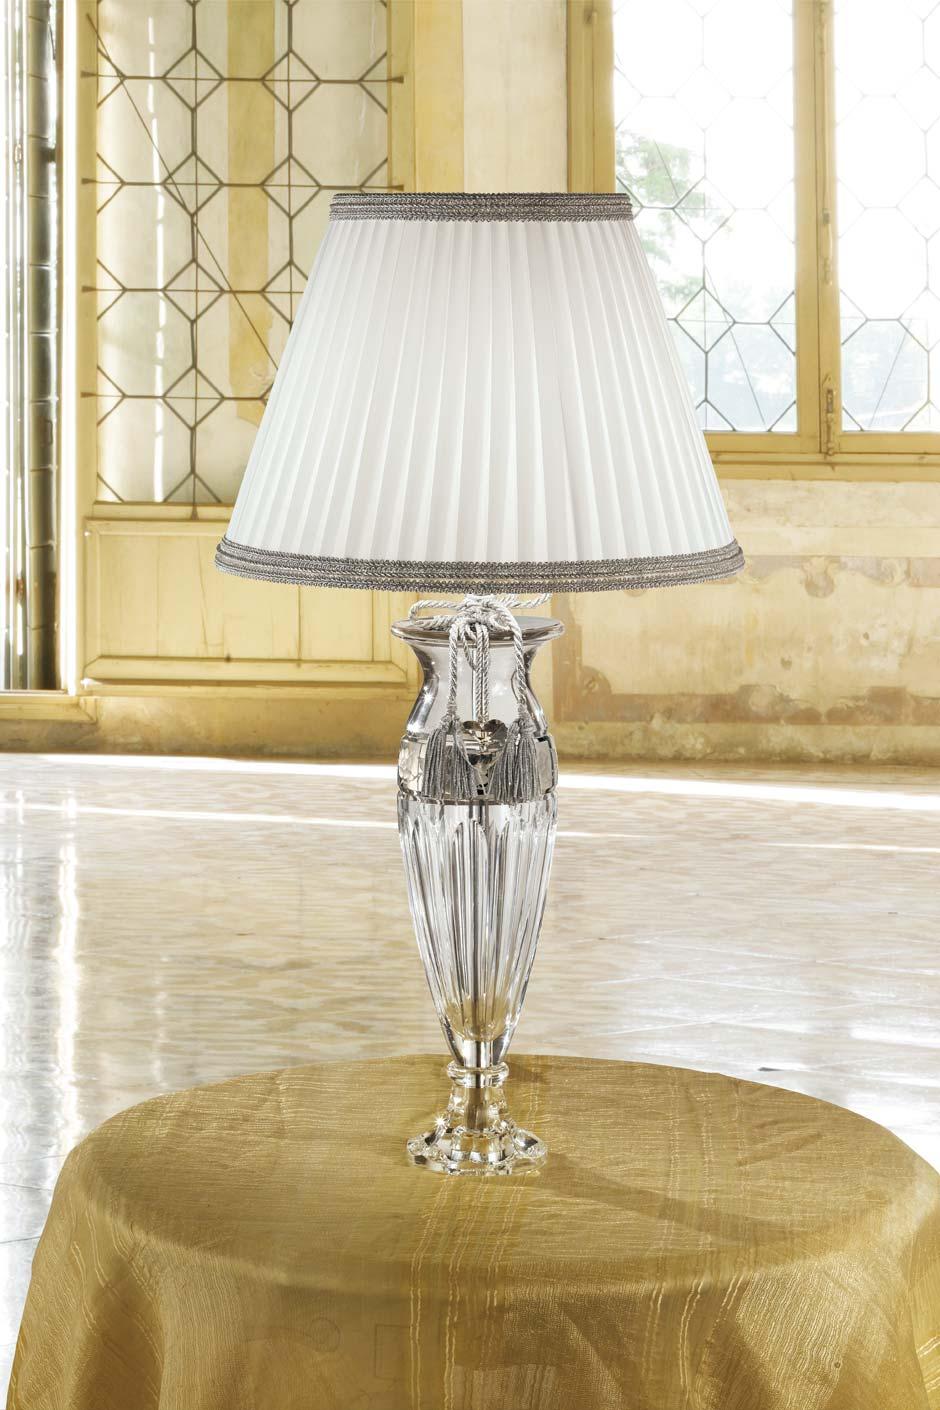 lampe cristal transparent grav tissu blanc et gris. Black Bedroom Furniture Sets. Home Design Ideas